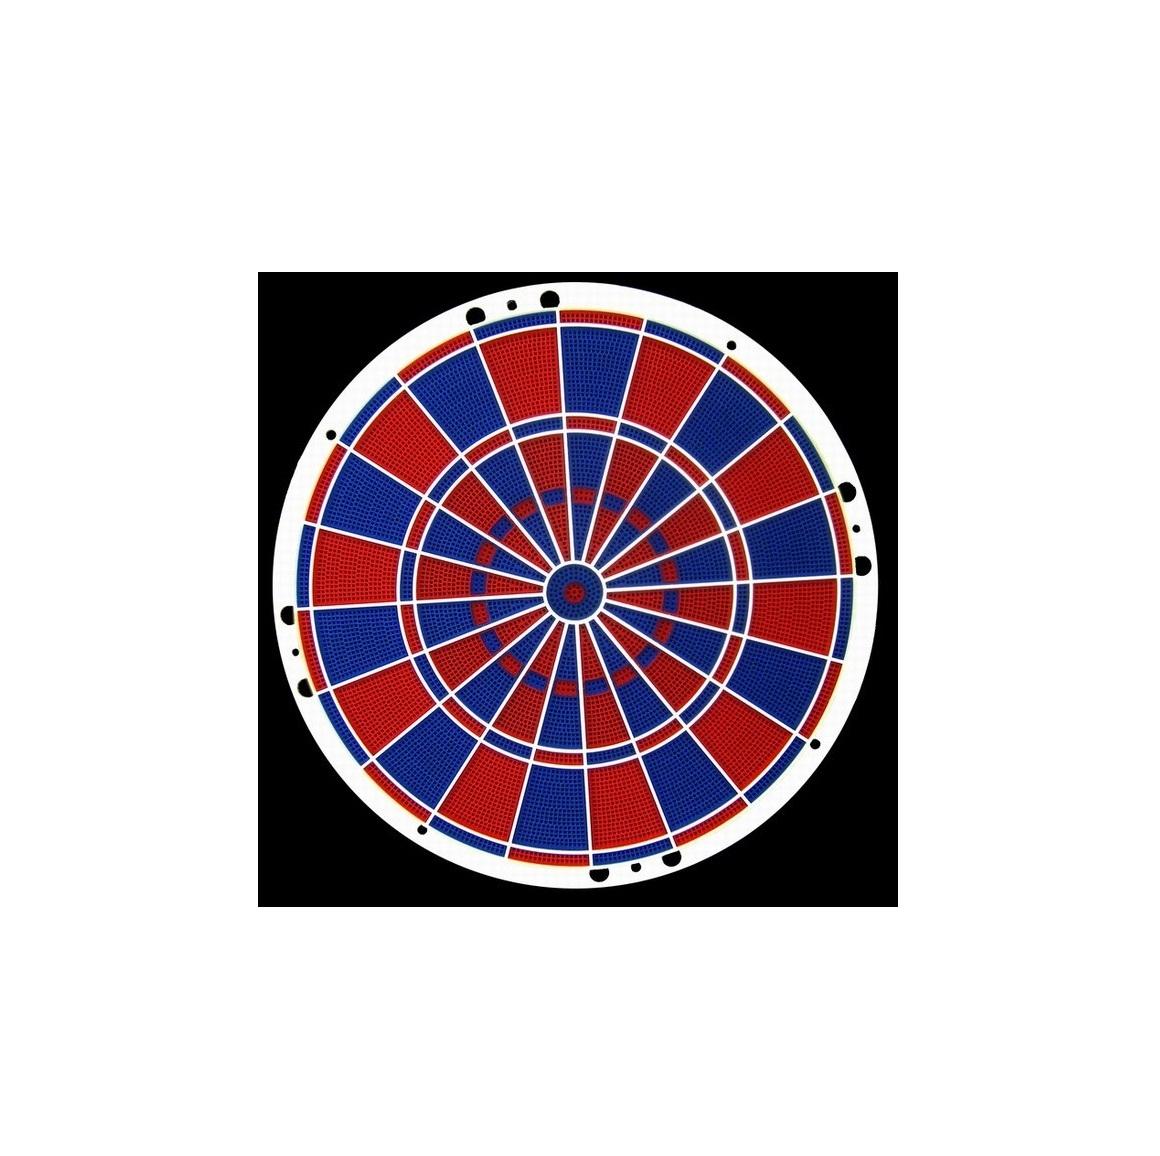 4eac3c06b73 Билярдни маси, Аксес. Мини футбол, Дартс, Аeрхокей, Покер, Спортни и ...